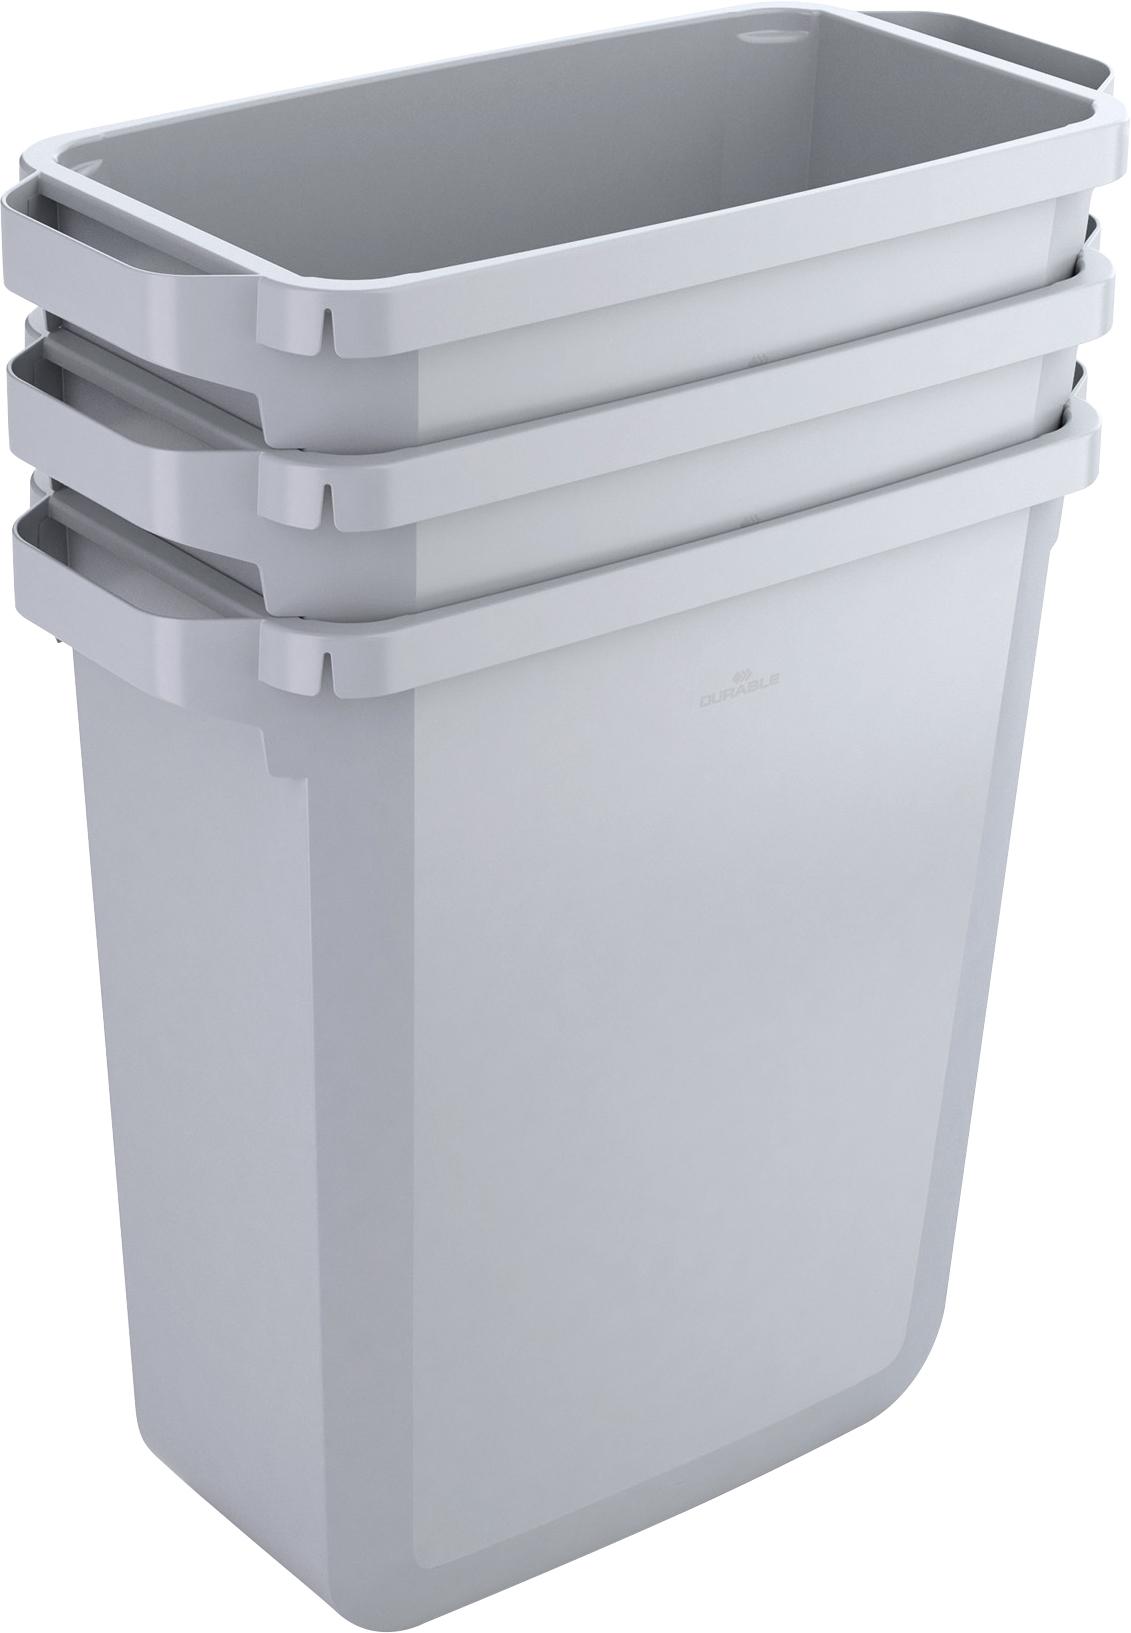 Durabin Abfallbehälter mit 60 l Fassungsvermögen, Bsp. mit Möglichkeit des Stapels